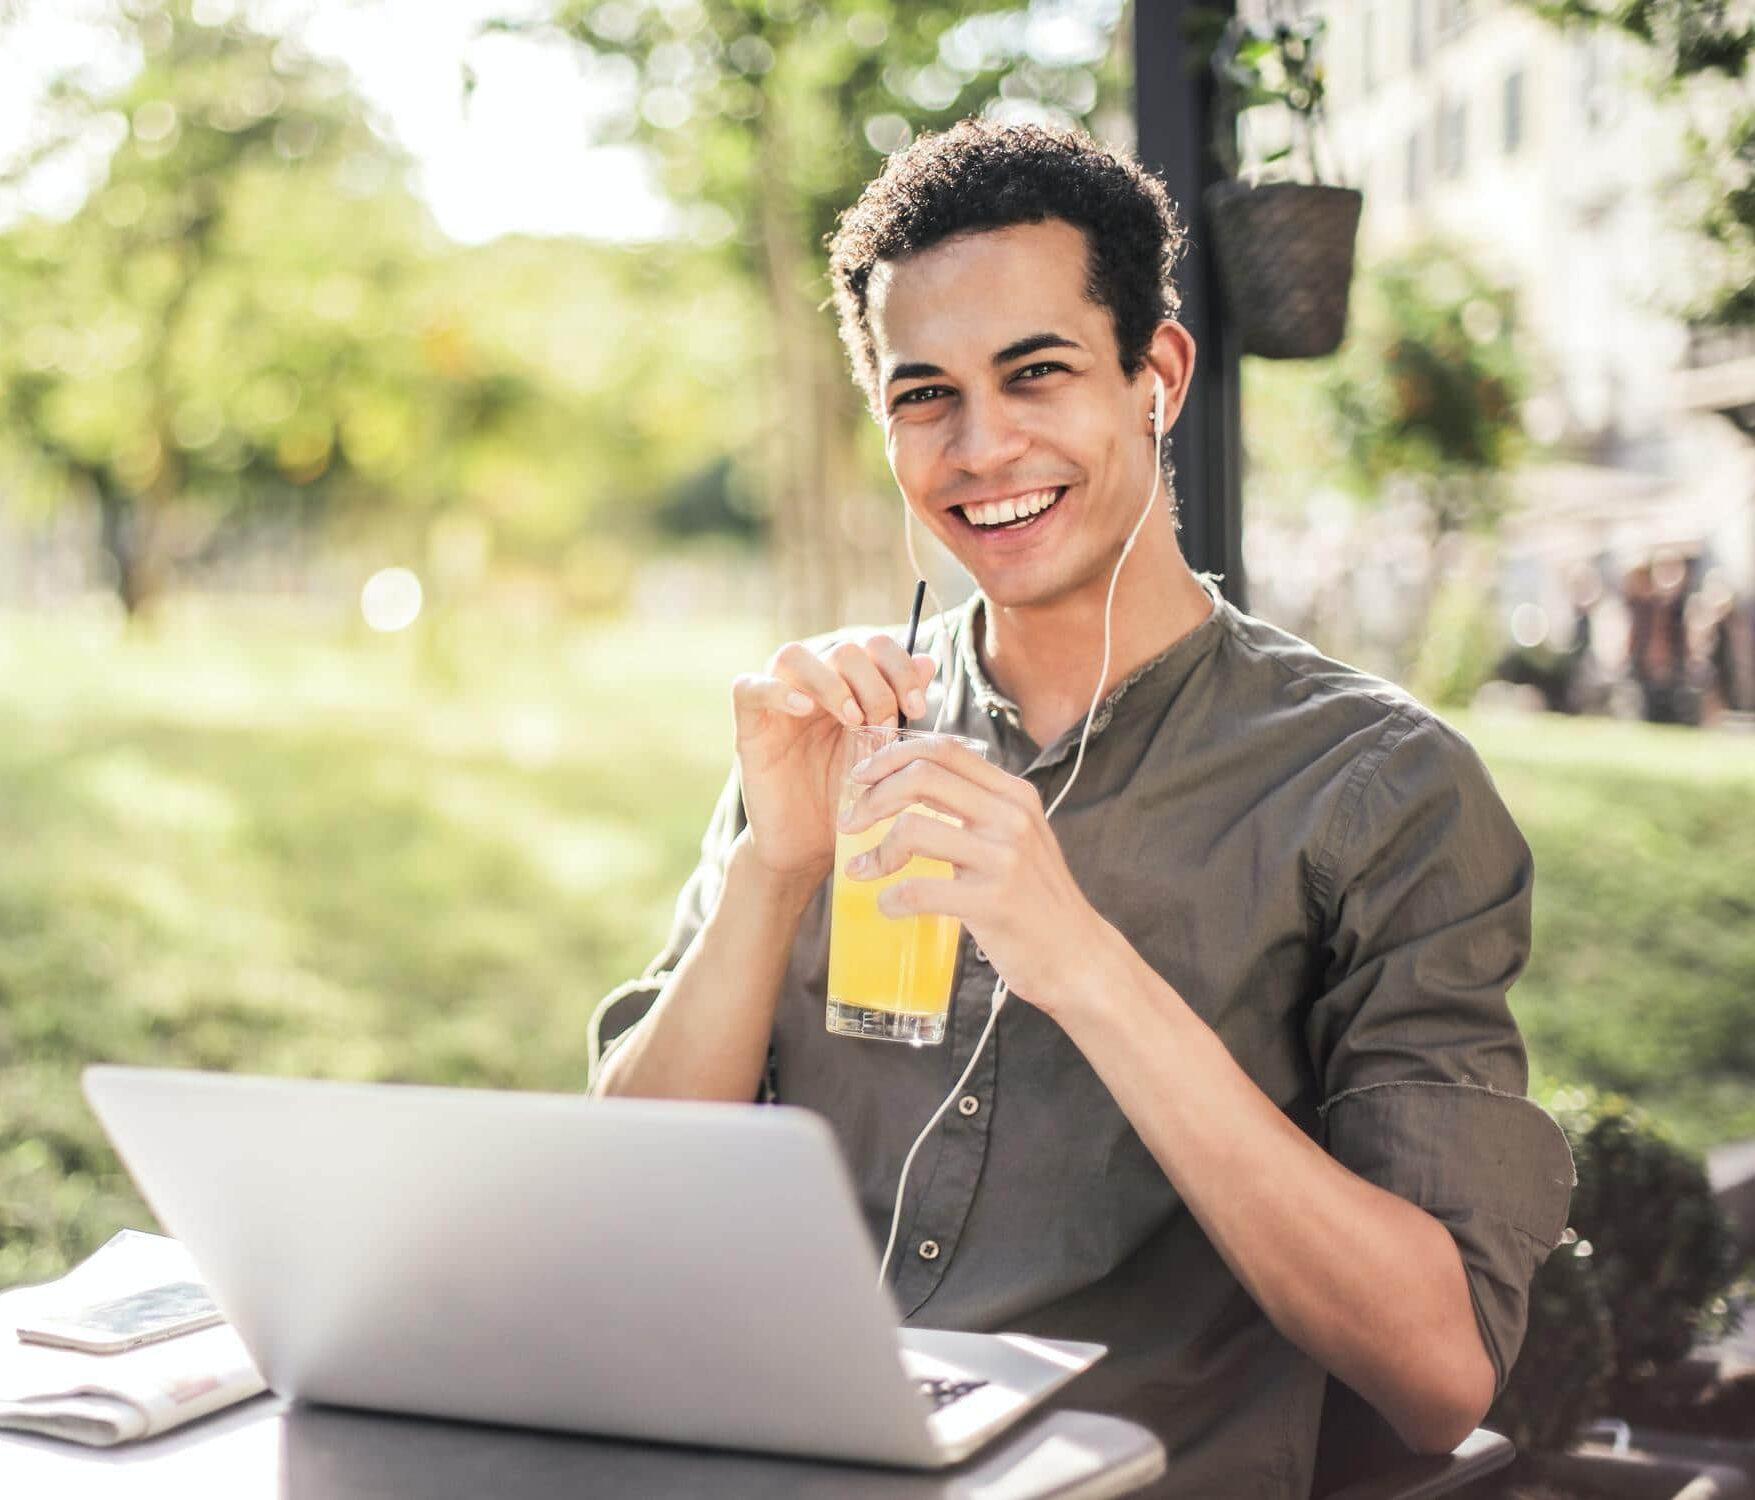 Junger Student sitzt im Freien und lächelt, weil ihm sein Technik-Studium Spaß macht